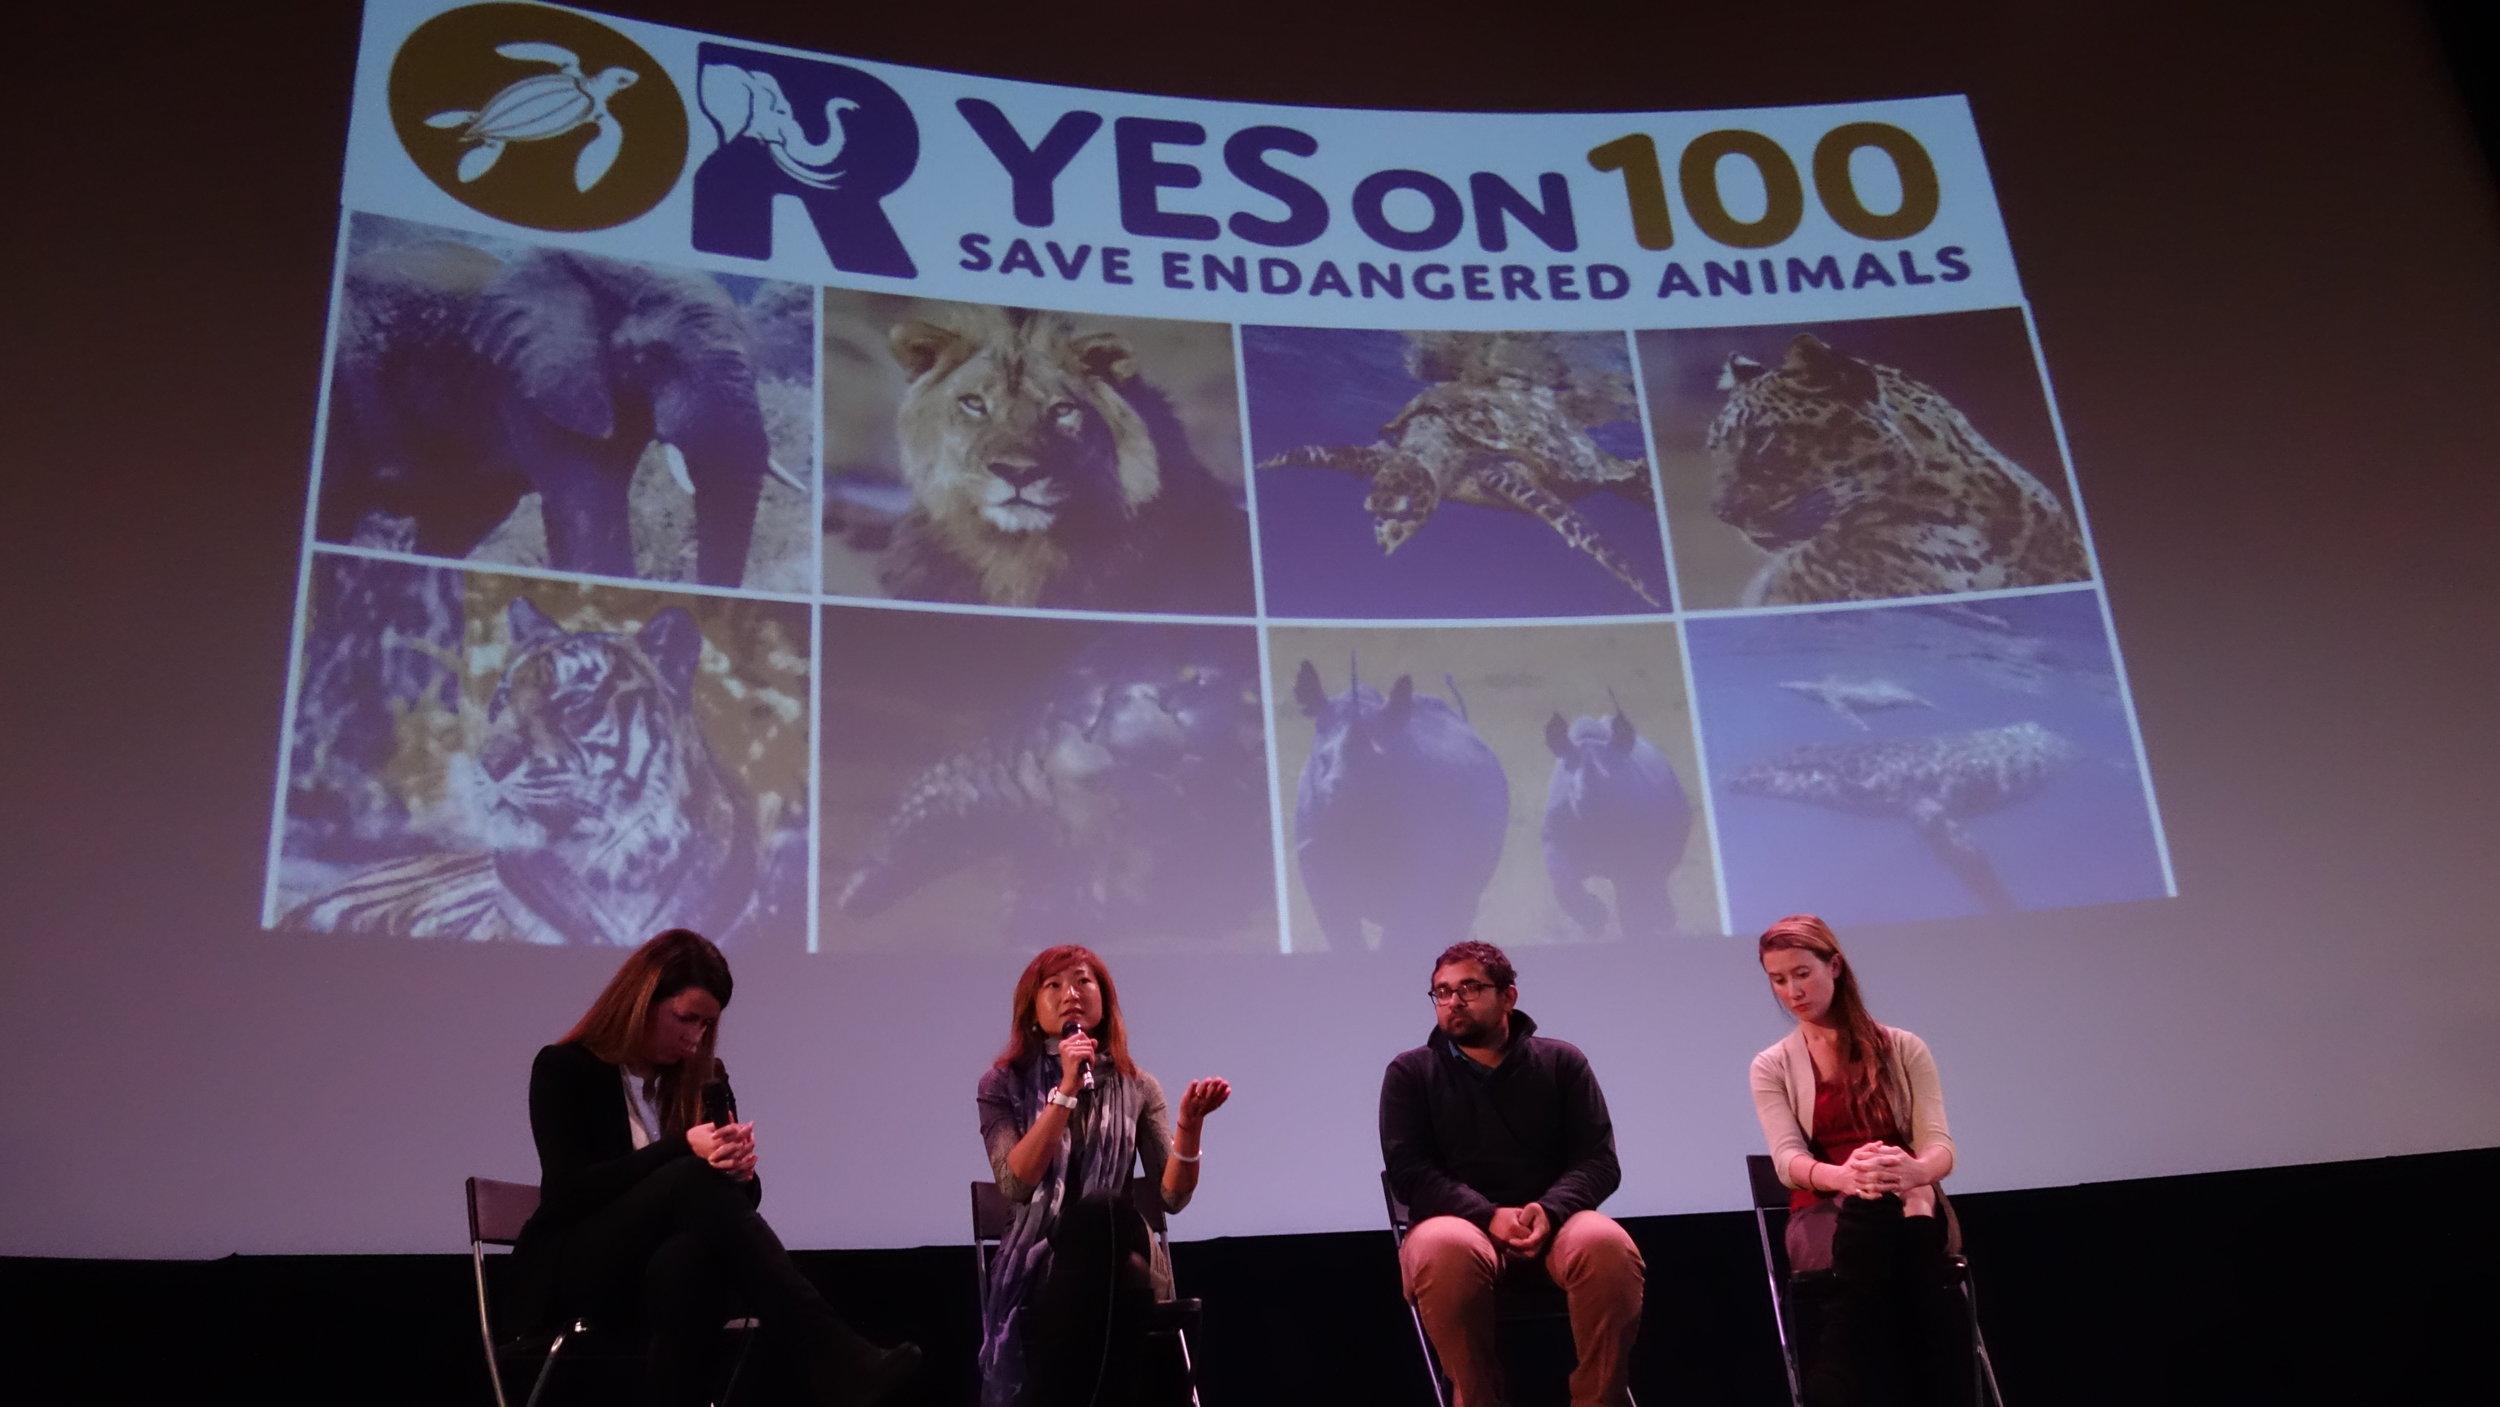 Portland EcoFilm_Yes On 100 panel.JPG